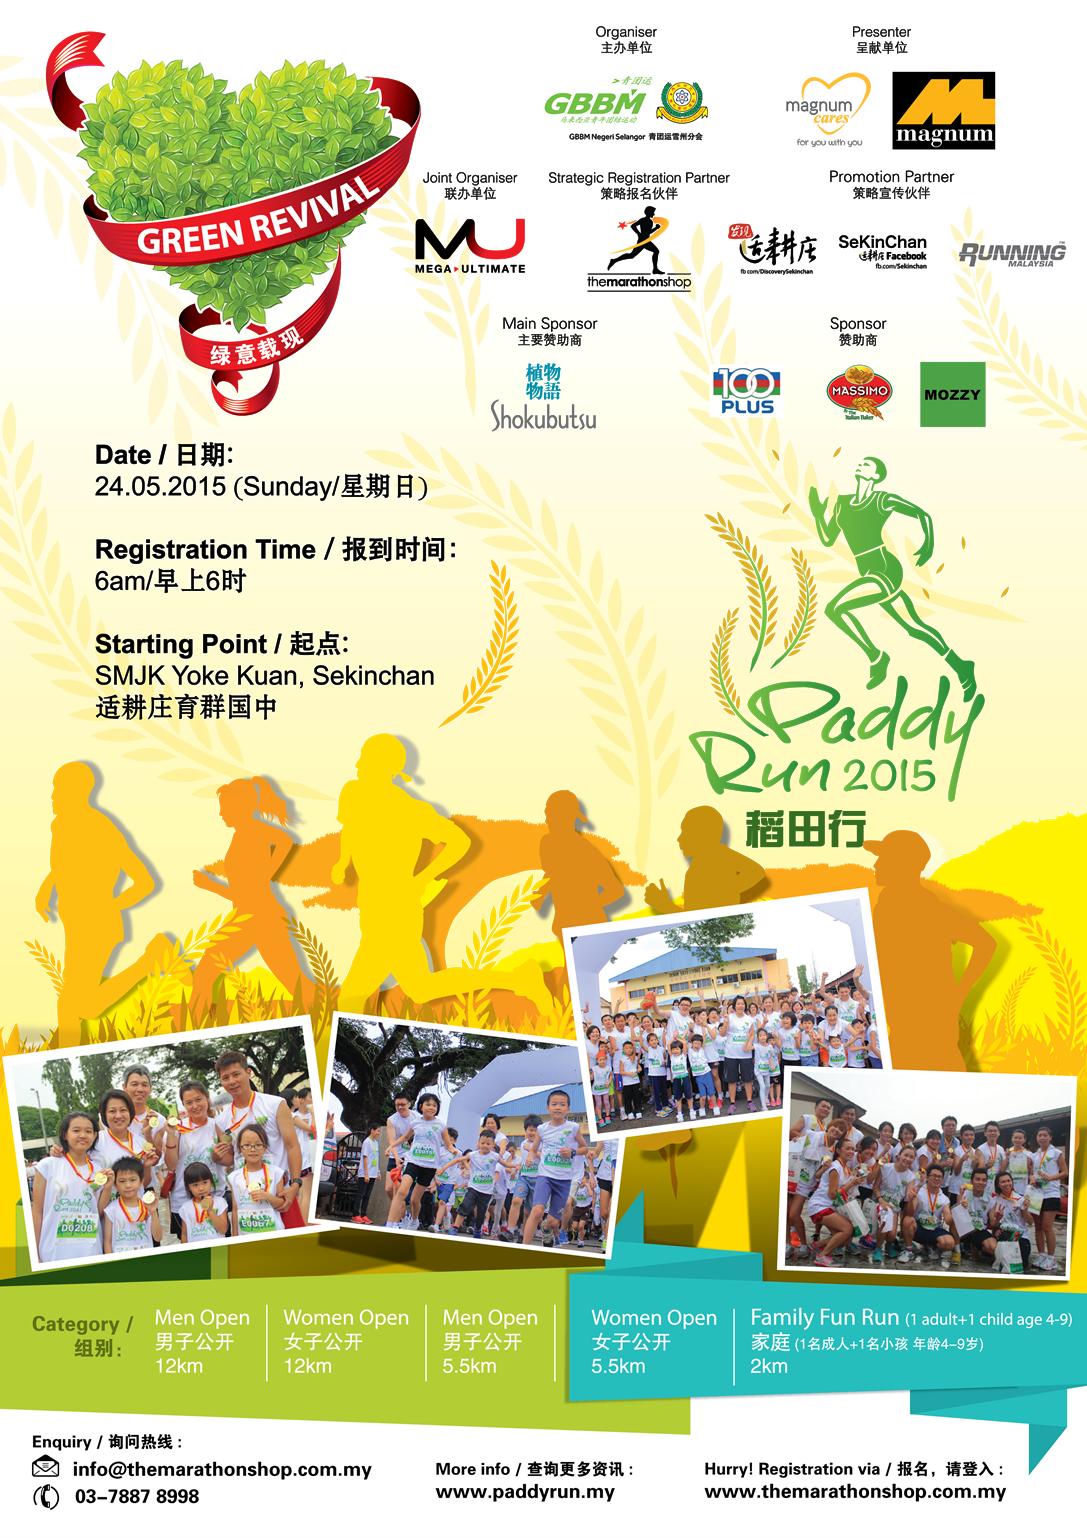 sekinchan-paddy-run-2015-1080